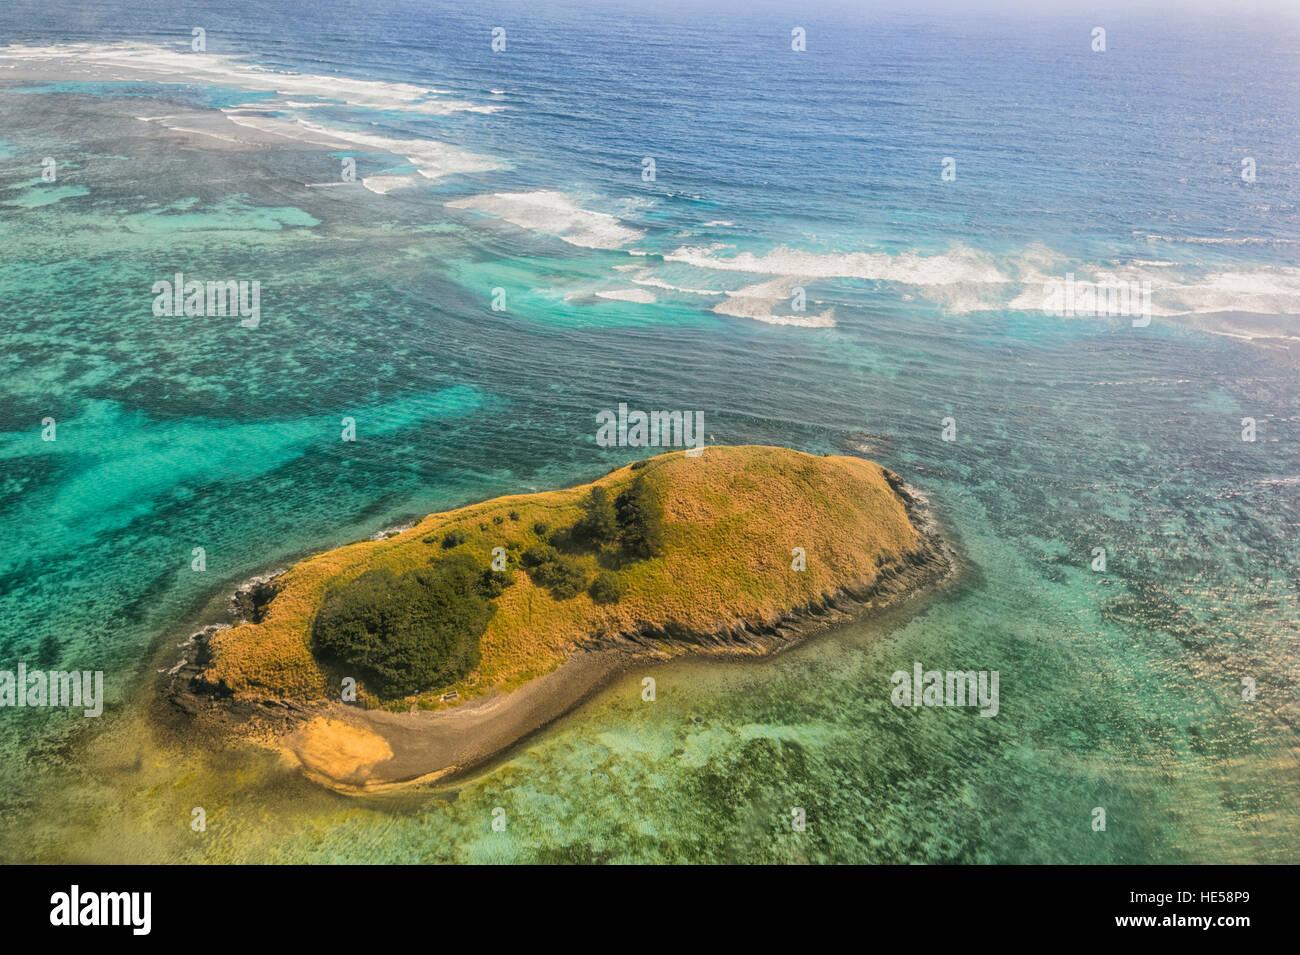 Luftaufnahme des Reef in der Nähe von Lord Howe Island, Tasman Sea, New South Wales, NSW, Australien Stockbild